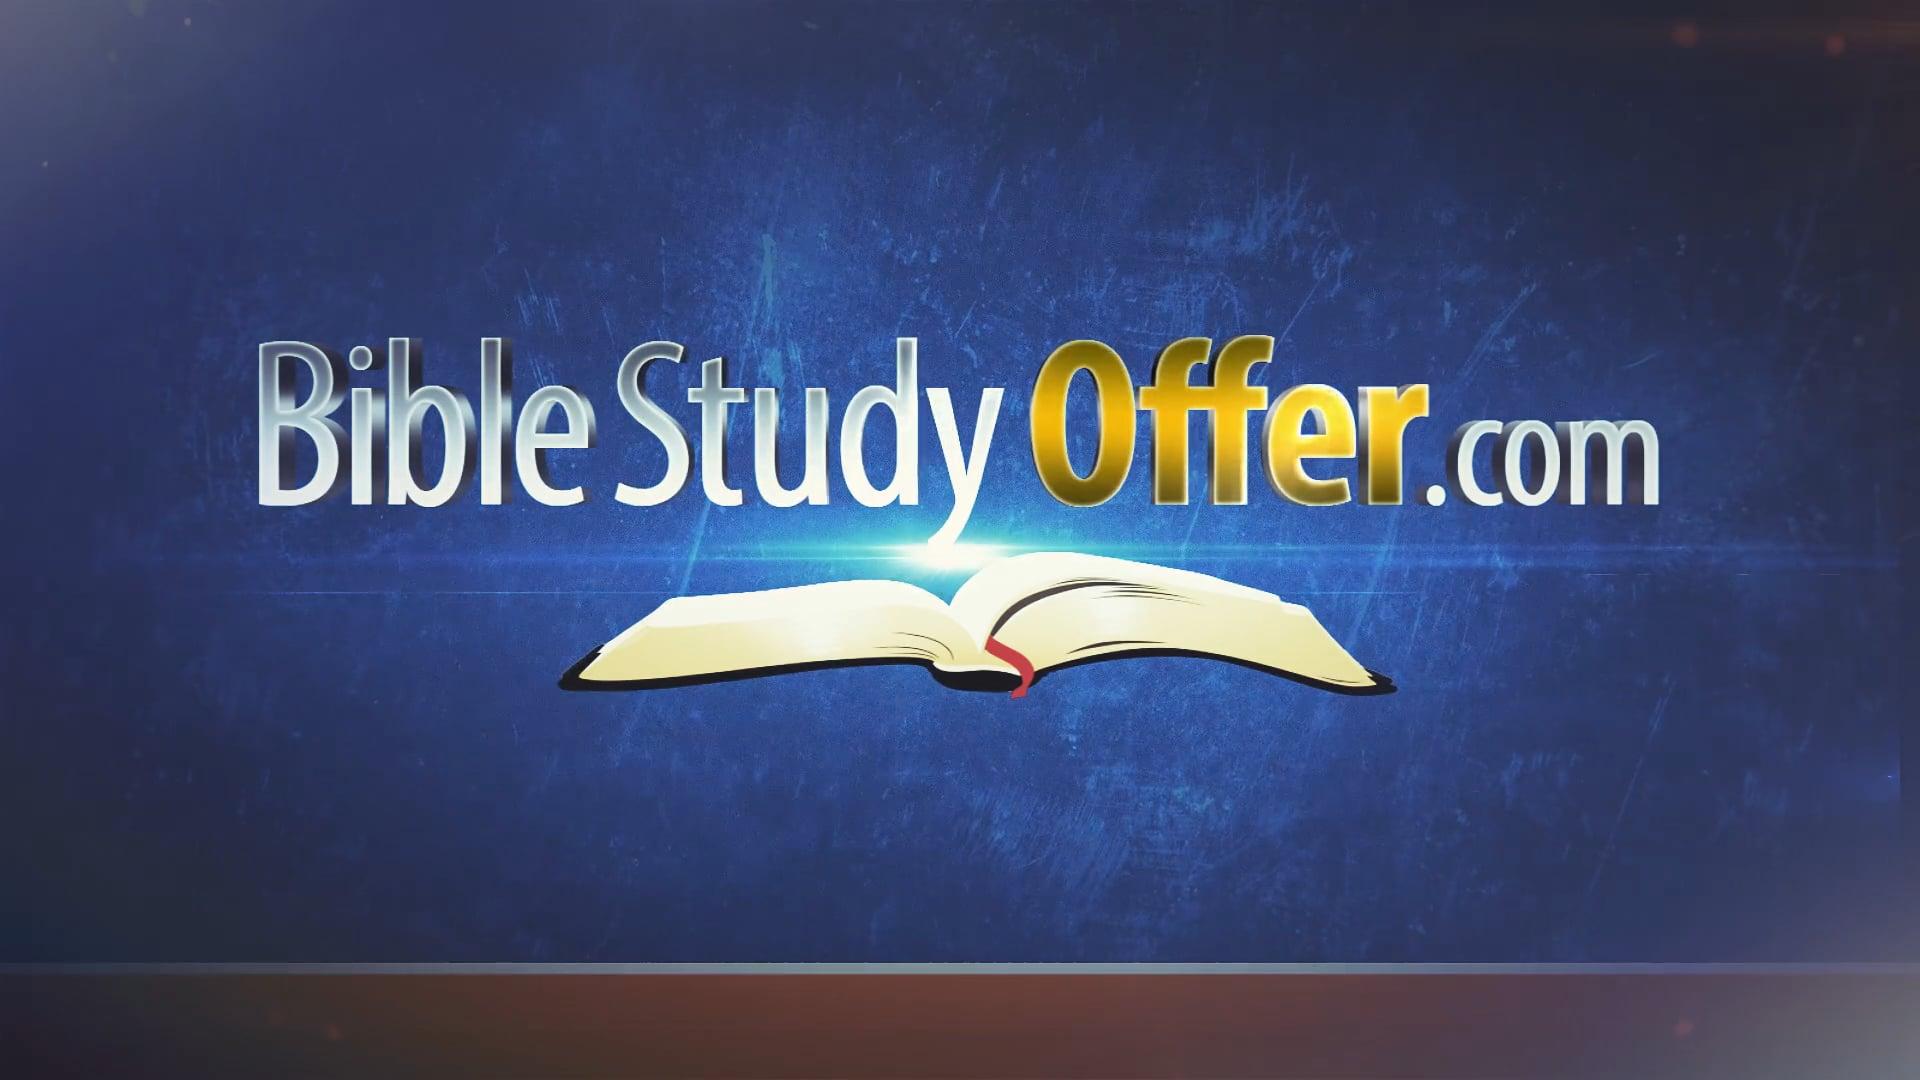 BibleStudyOffer.com